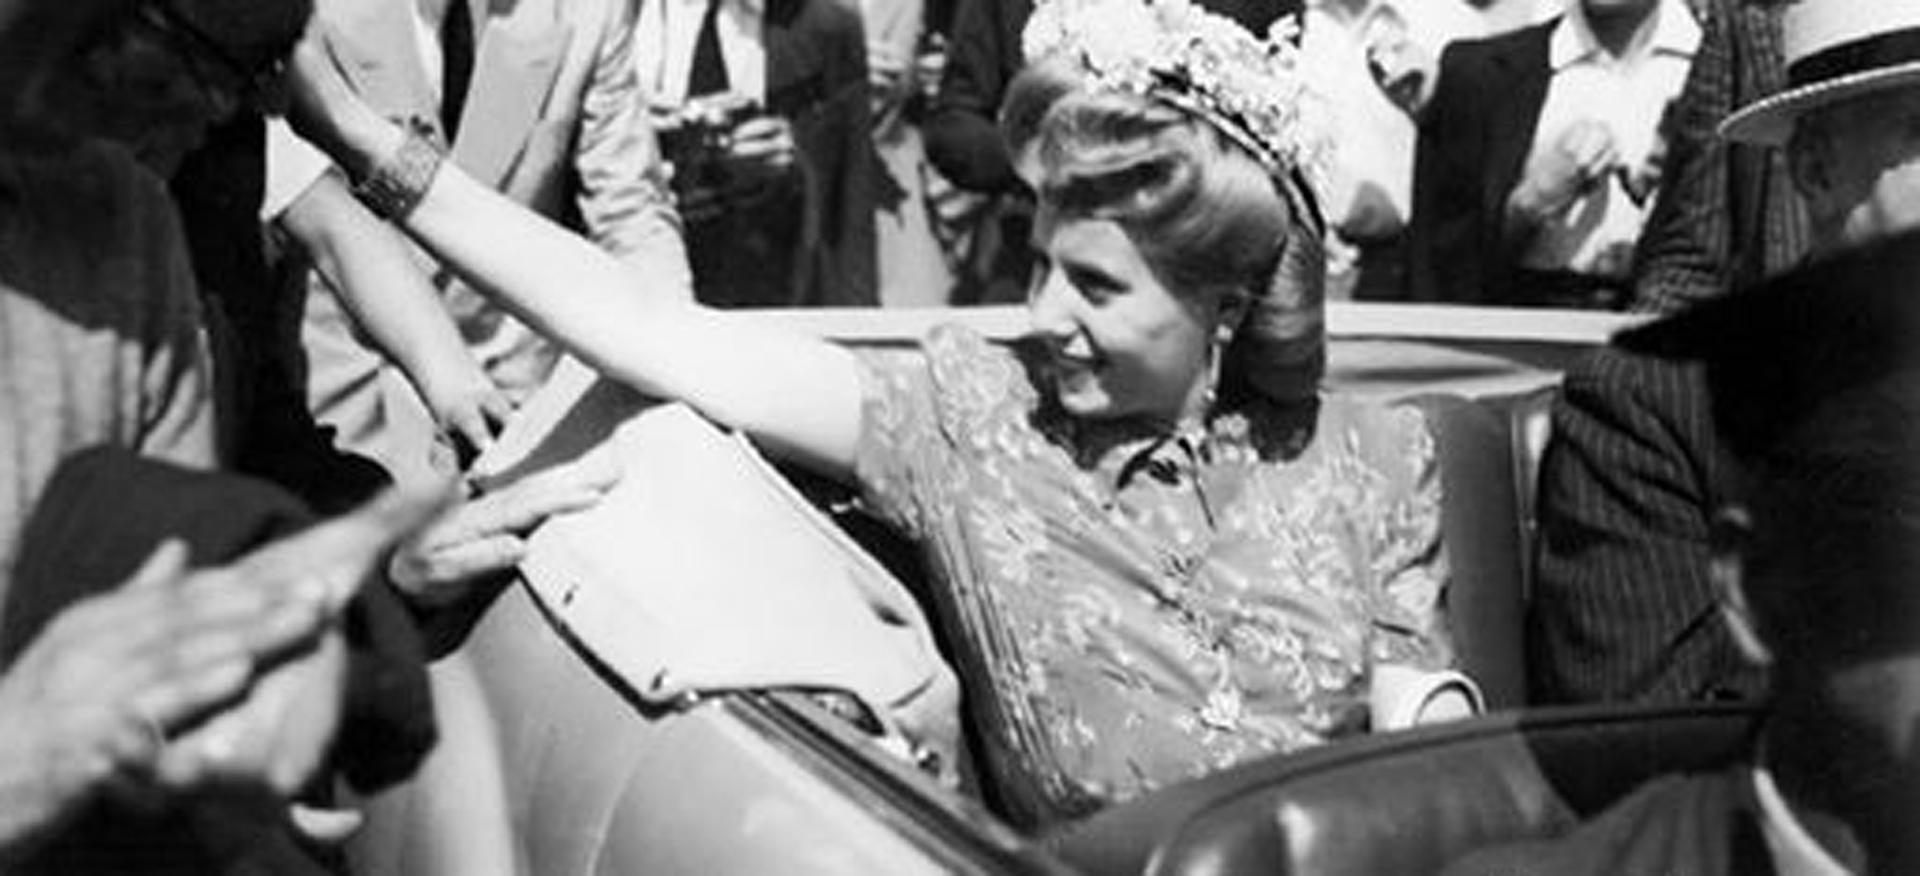 """Sobre su intervención en los días en que el sector de los trabajadores proclamó su apoyo a Perón, Eva explica en su autobiografía: """"La semana de octubre de 1945 es un paisaje de muchas sombras y de muchas luces. Será mejor que no nos acerquemos demasiado a él y que más bien lo veamos otra vez, desde más lejos. Esto no me impide sin embargo decir con absoluta franqueza, y como anticipo de cuanto alguna vez he de escribir en detalle, que la luz vino únicamente desde el pueblo"""""""